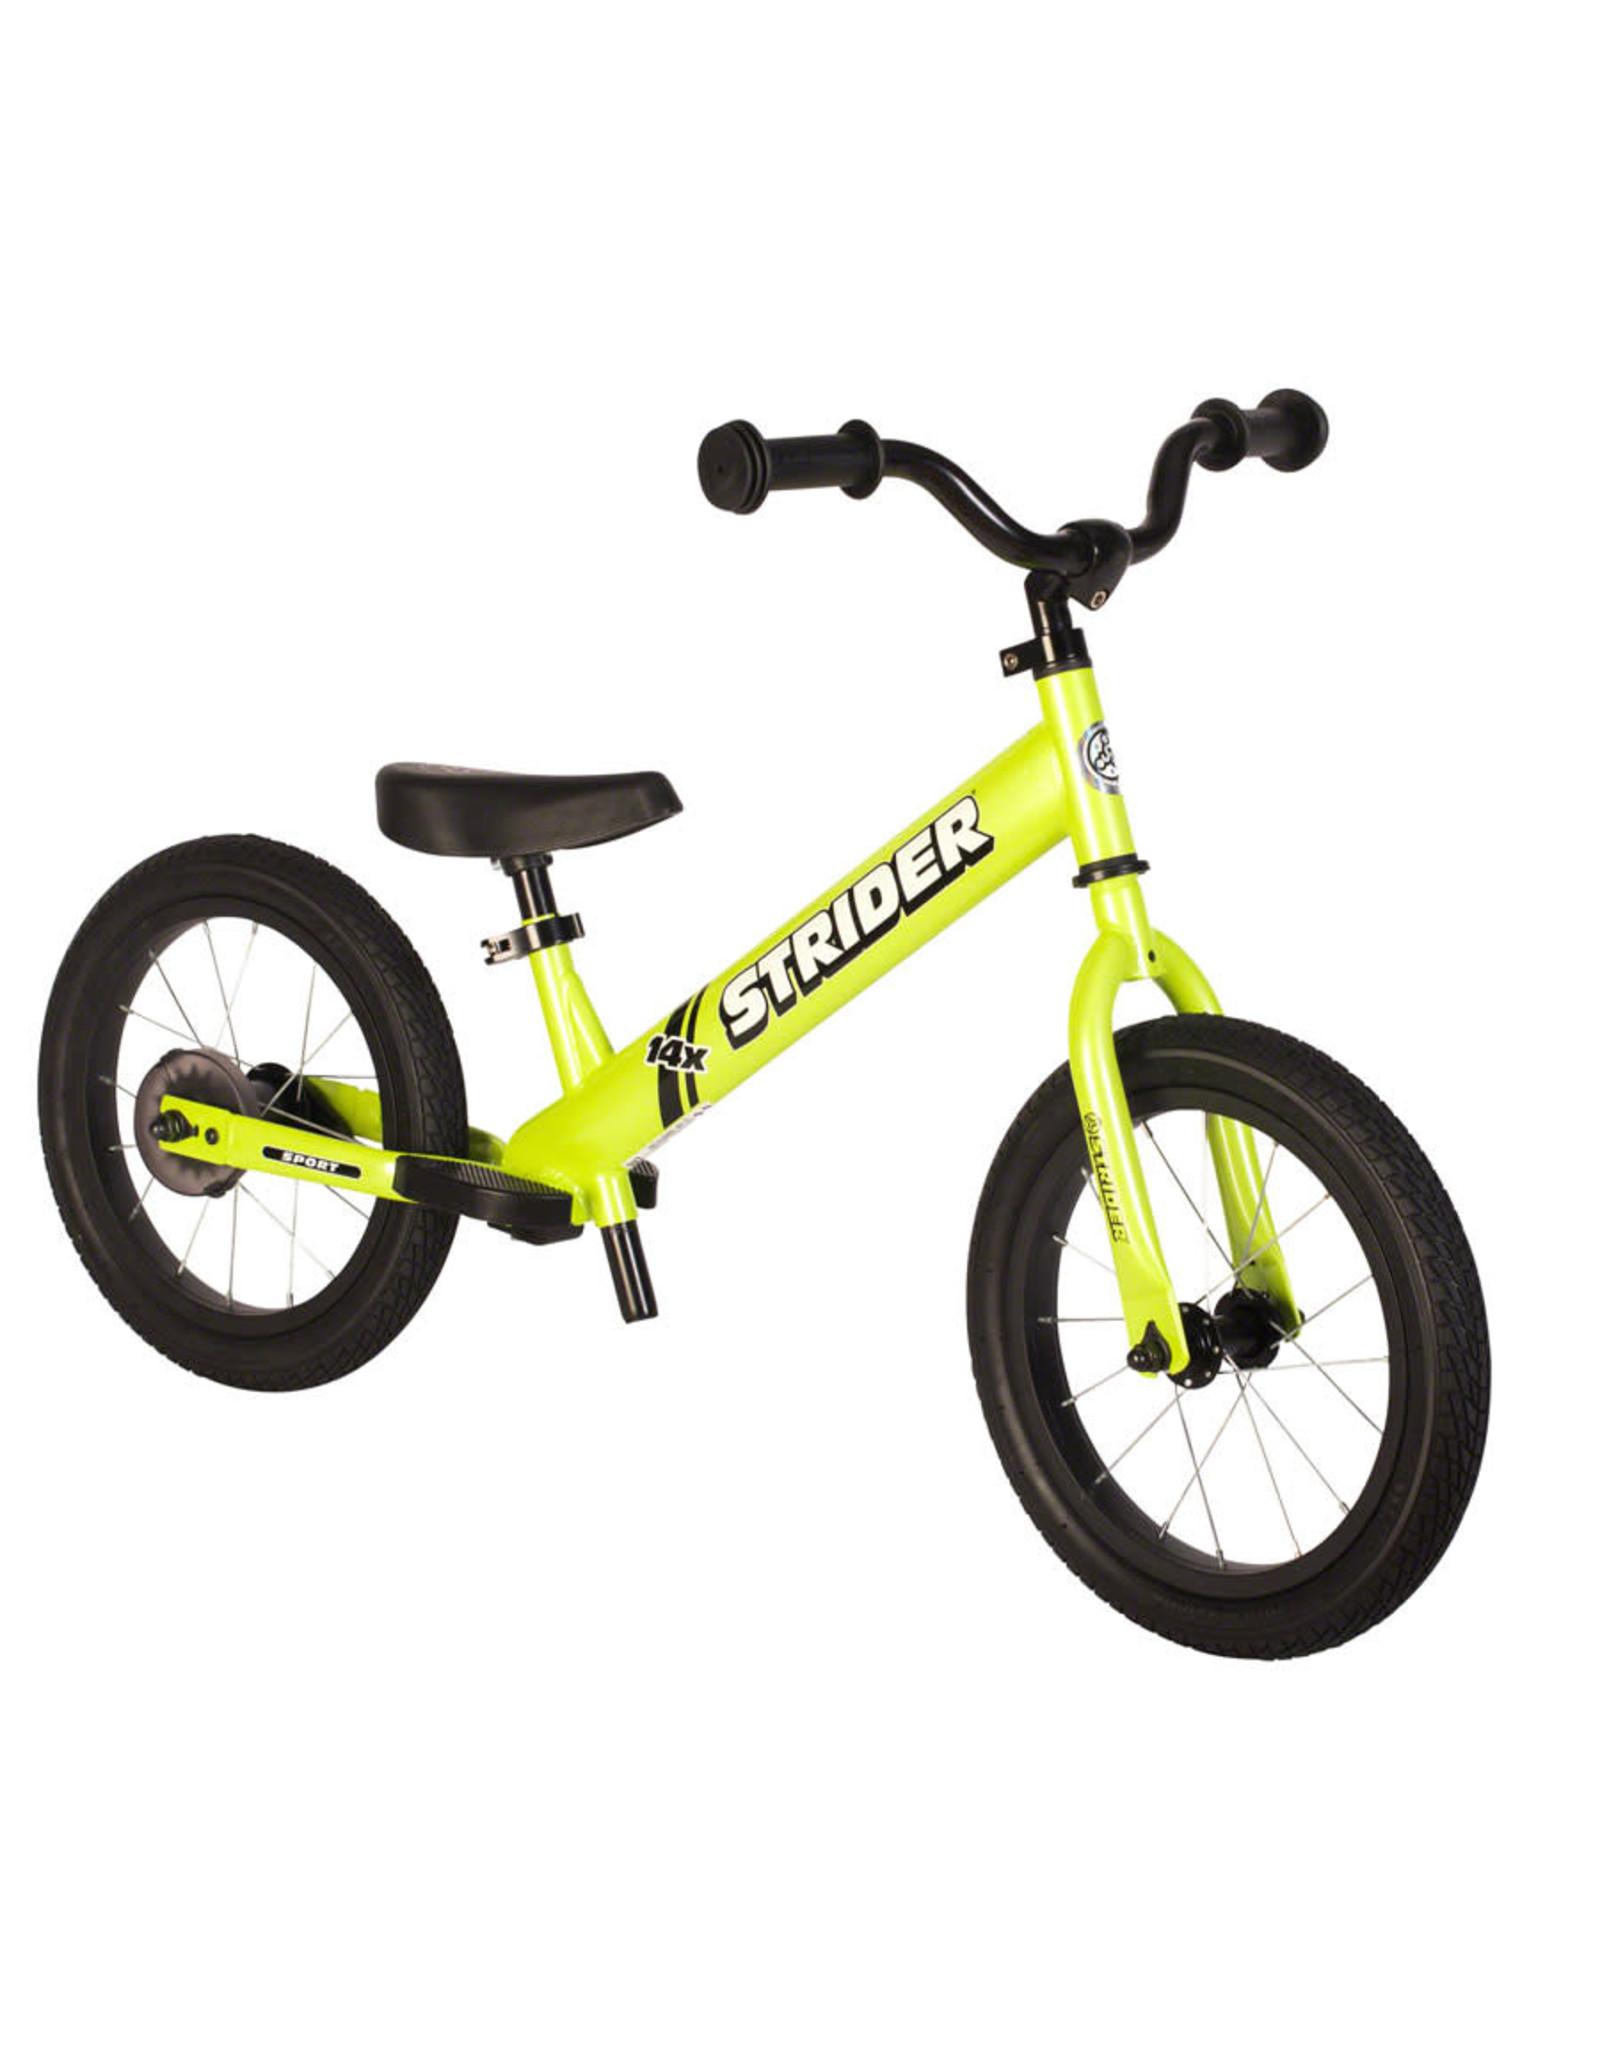 Strider Sports Strider 14x Sport Balance Bike, Green